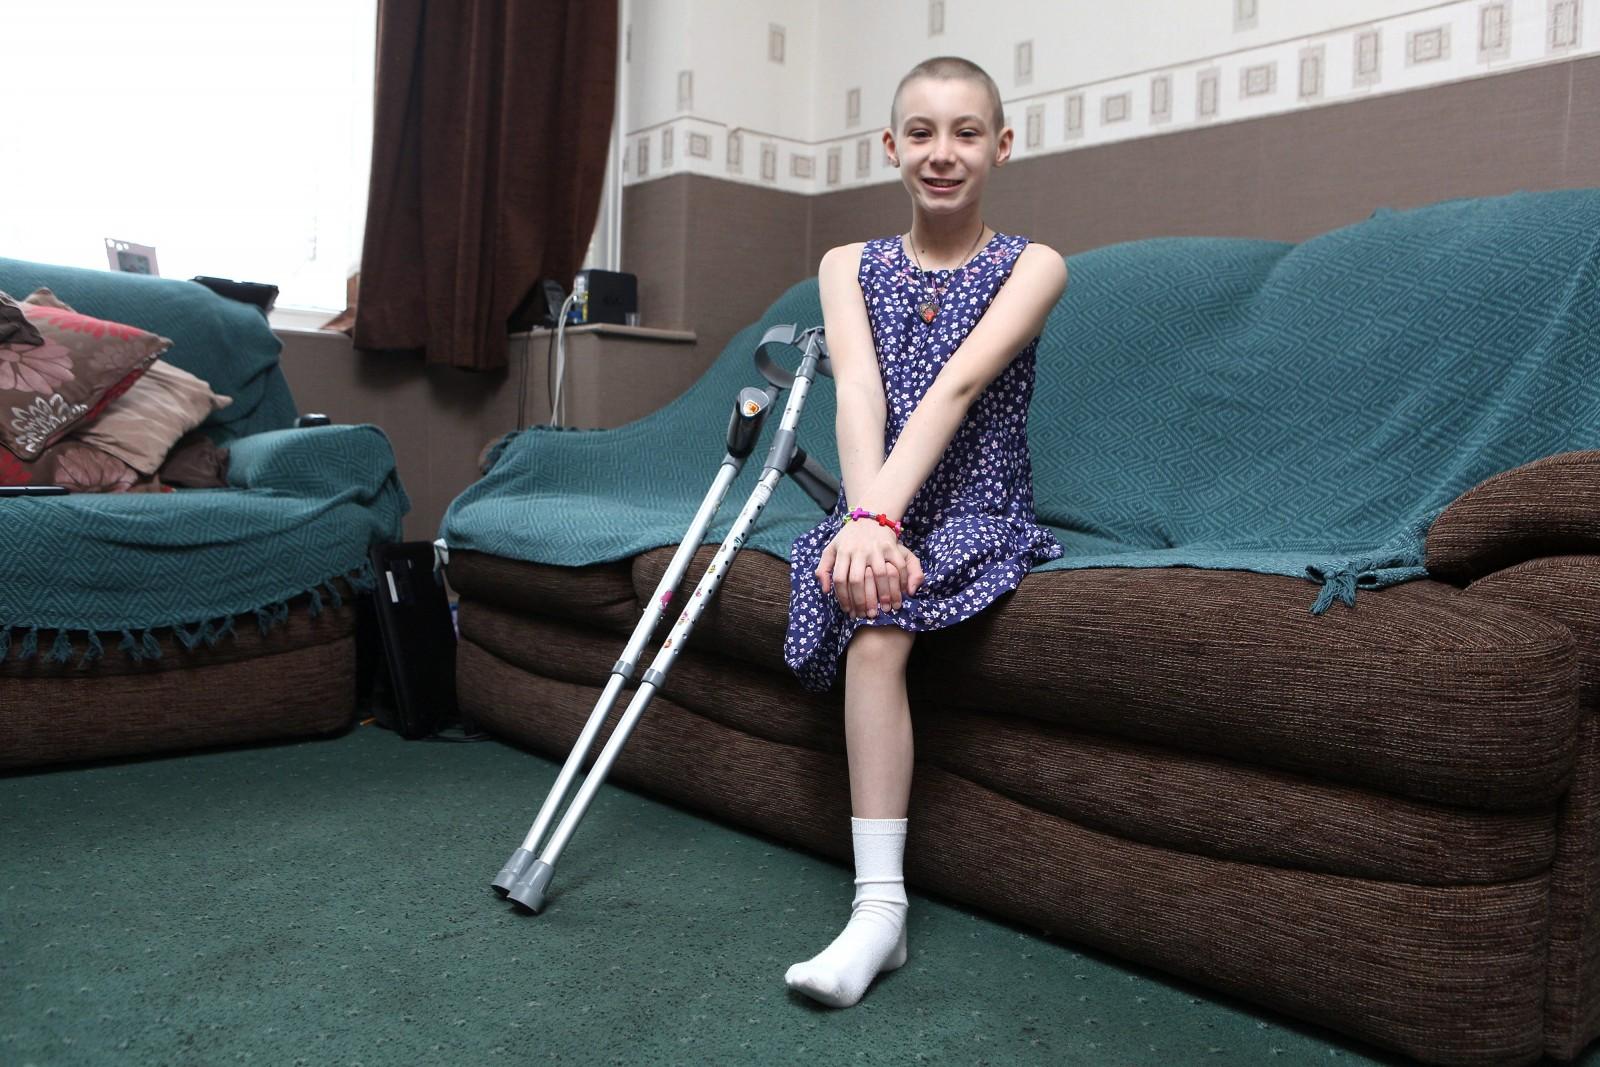 Brave 'ballerina girl' still smiling after rare bone cancer forces leg amputation